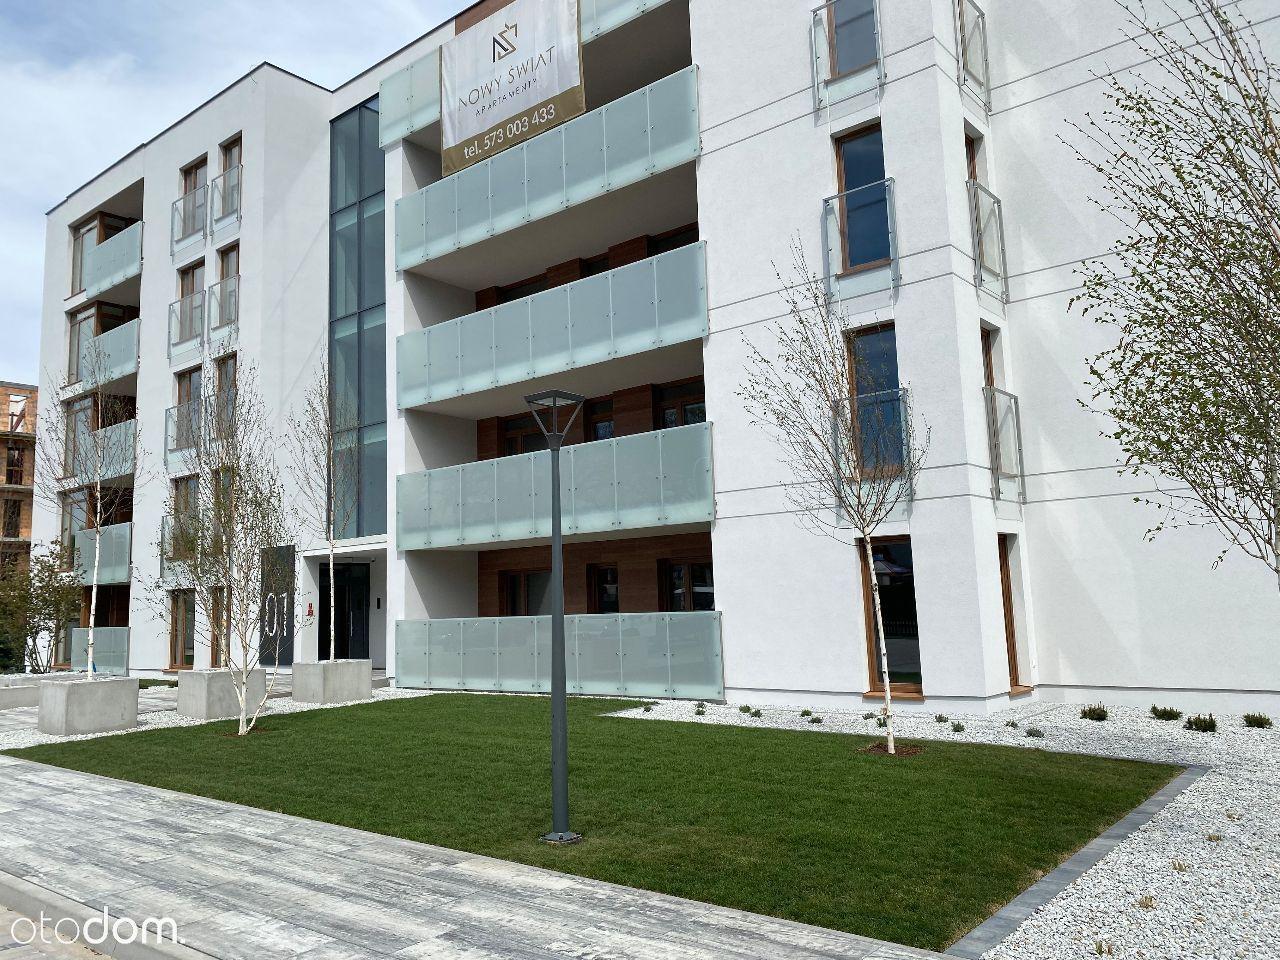 Apartamenty Nowy Świat od 29,49m2 do 80,60m2